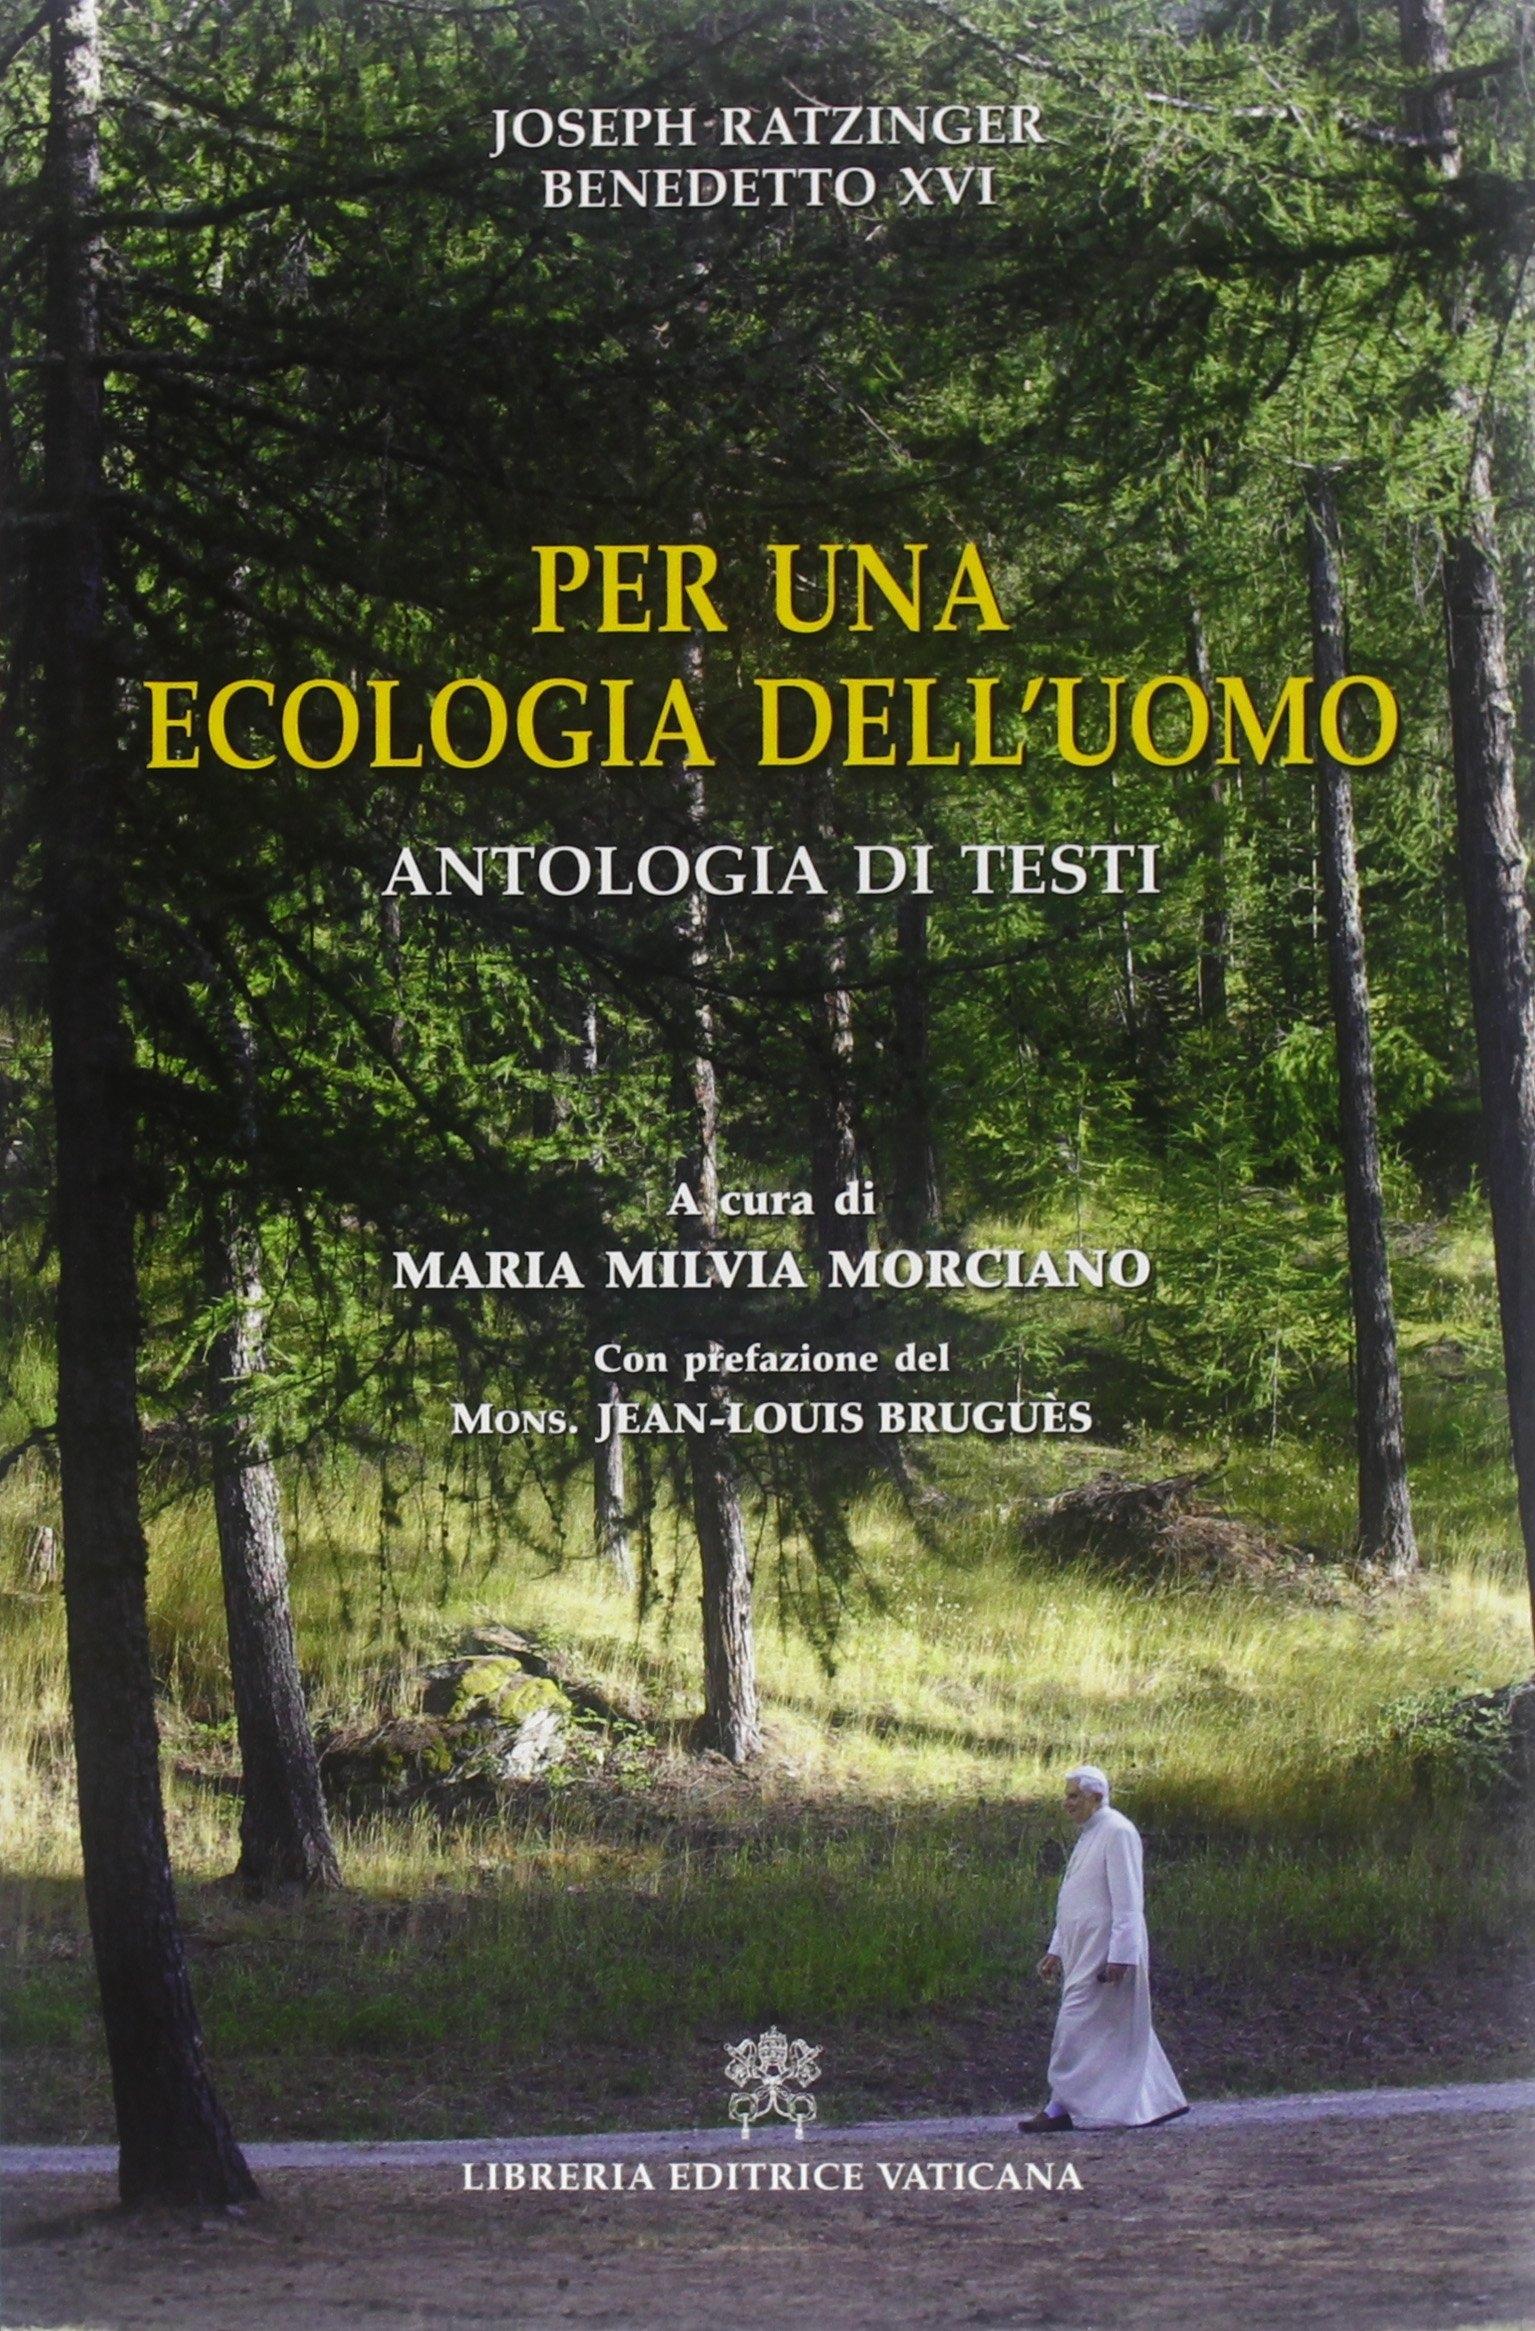 Per una ecologia dell'uomo. Antologia di testi